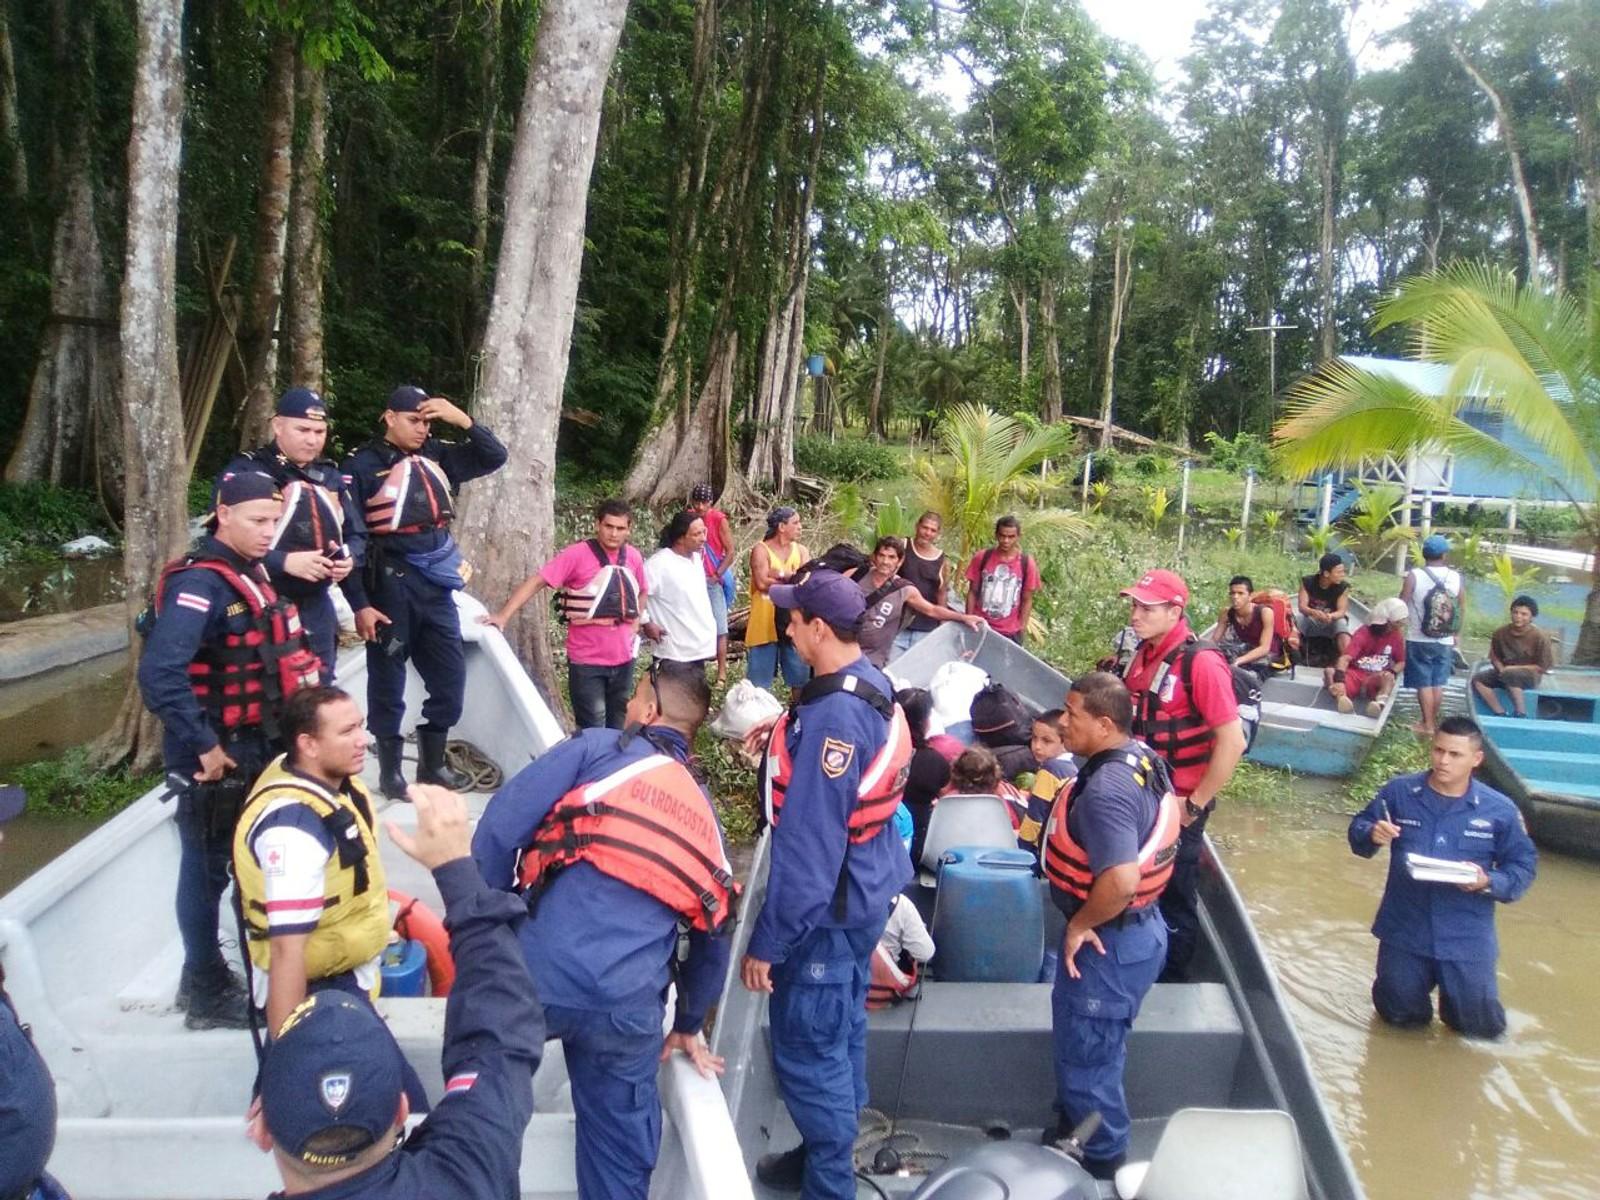 Politi og personell frå styresmaktene gjer seg klar til å bistå i evakueringsarbeidet før orkanen.